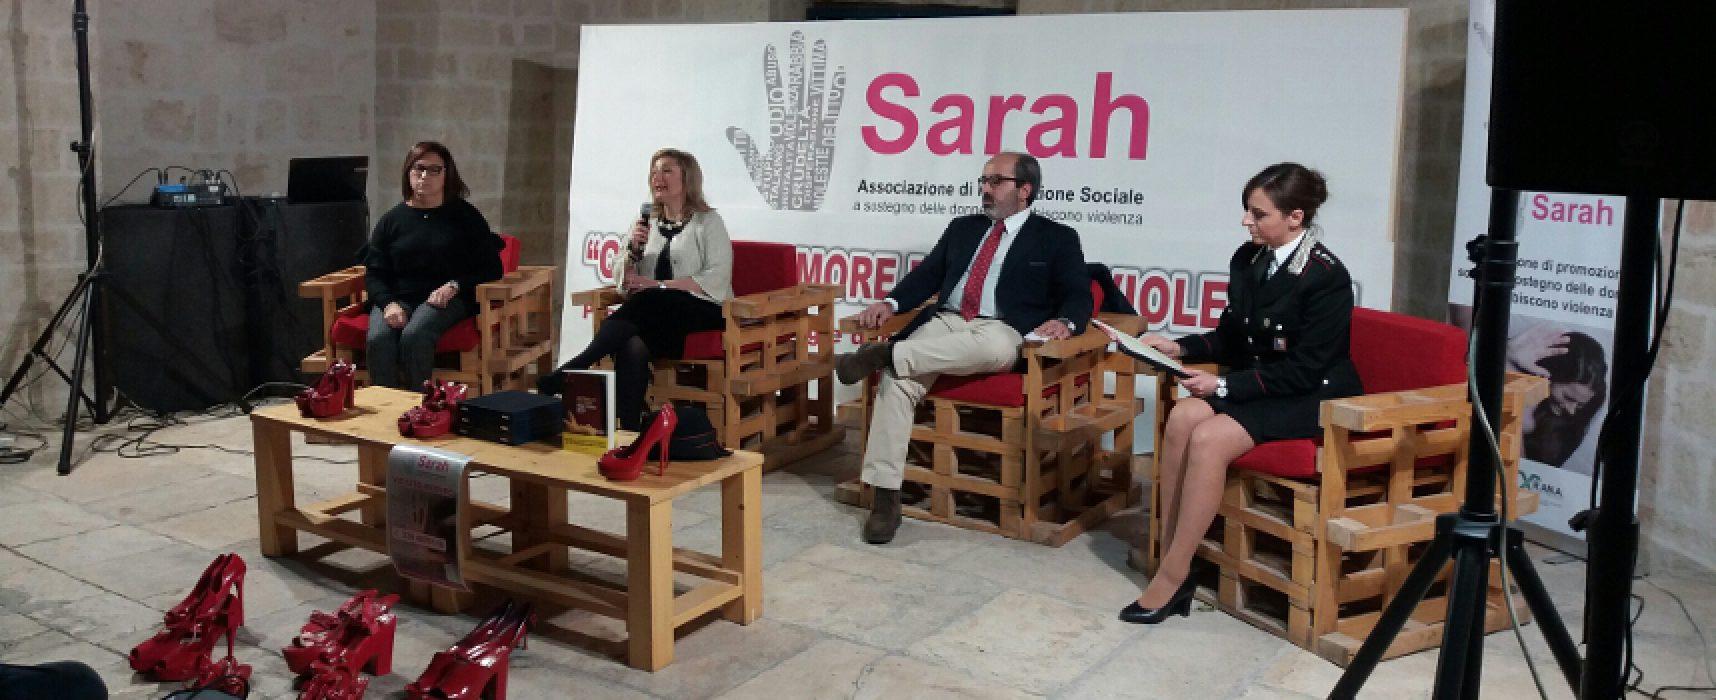 """Violenza sulle donne, Sarah onlus: """"Fare rete tra forze dell'ordine, cittadini e associazioni"""""""